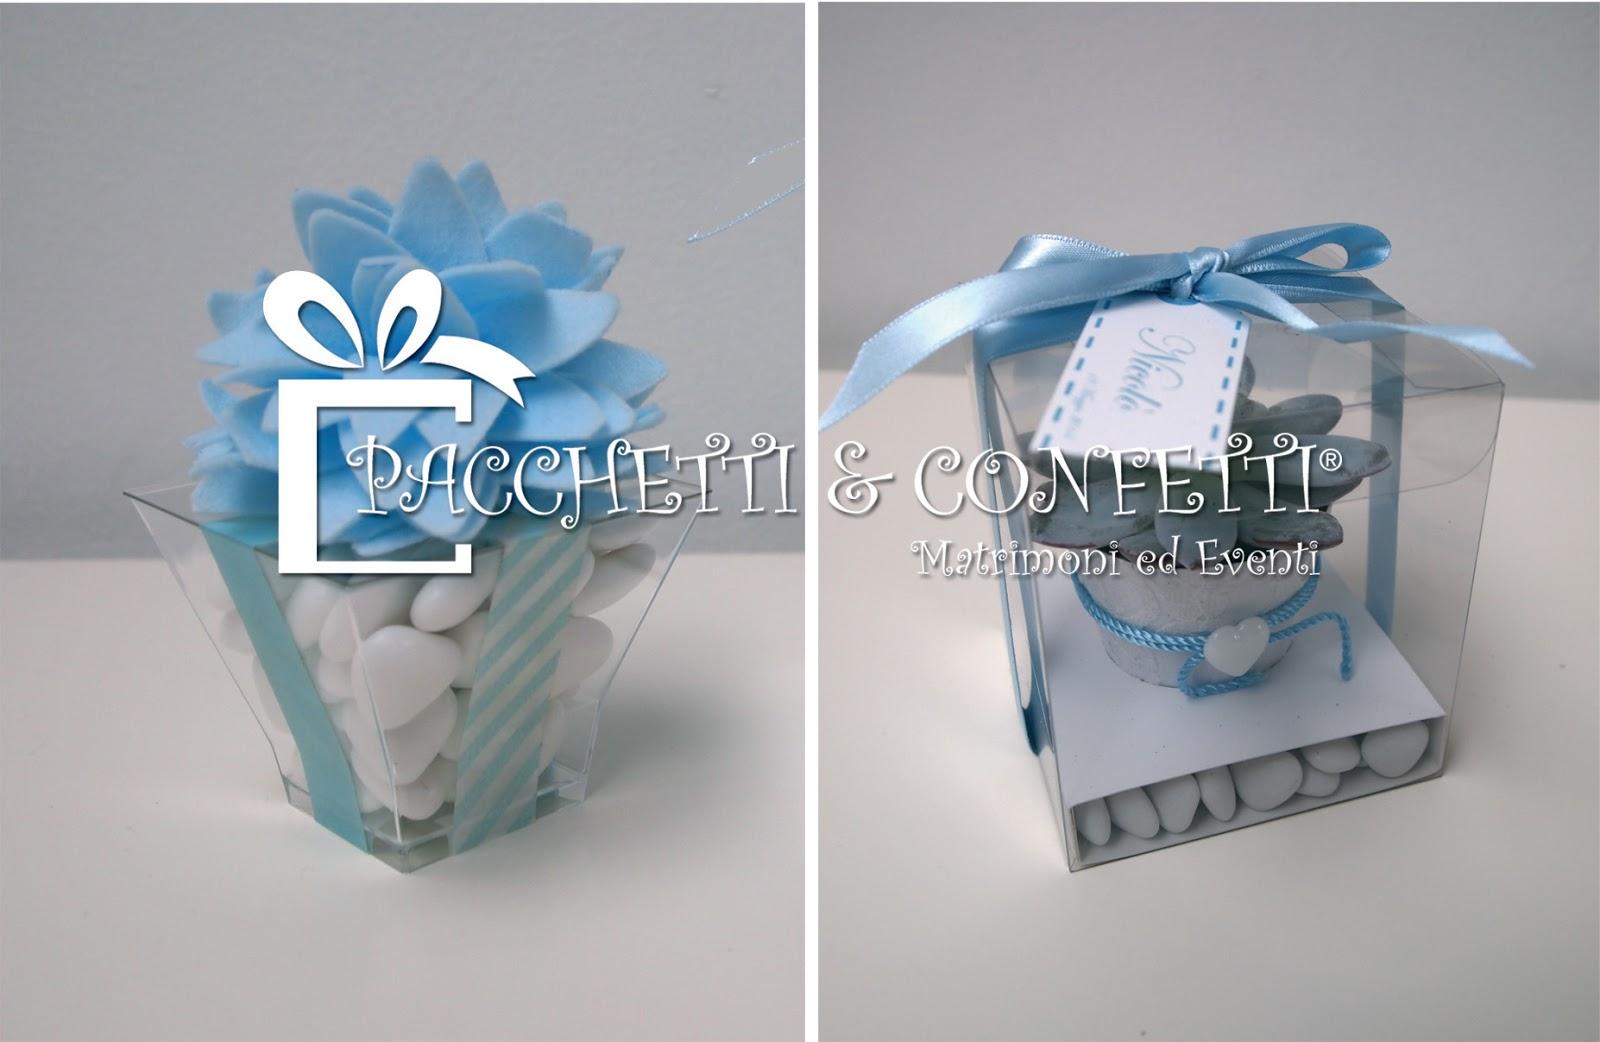 Pacchetti e confetti bomboniere battesimo bimbo - Decorazioni battesimo bimbo ...